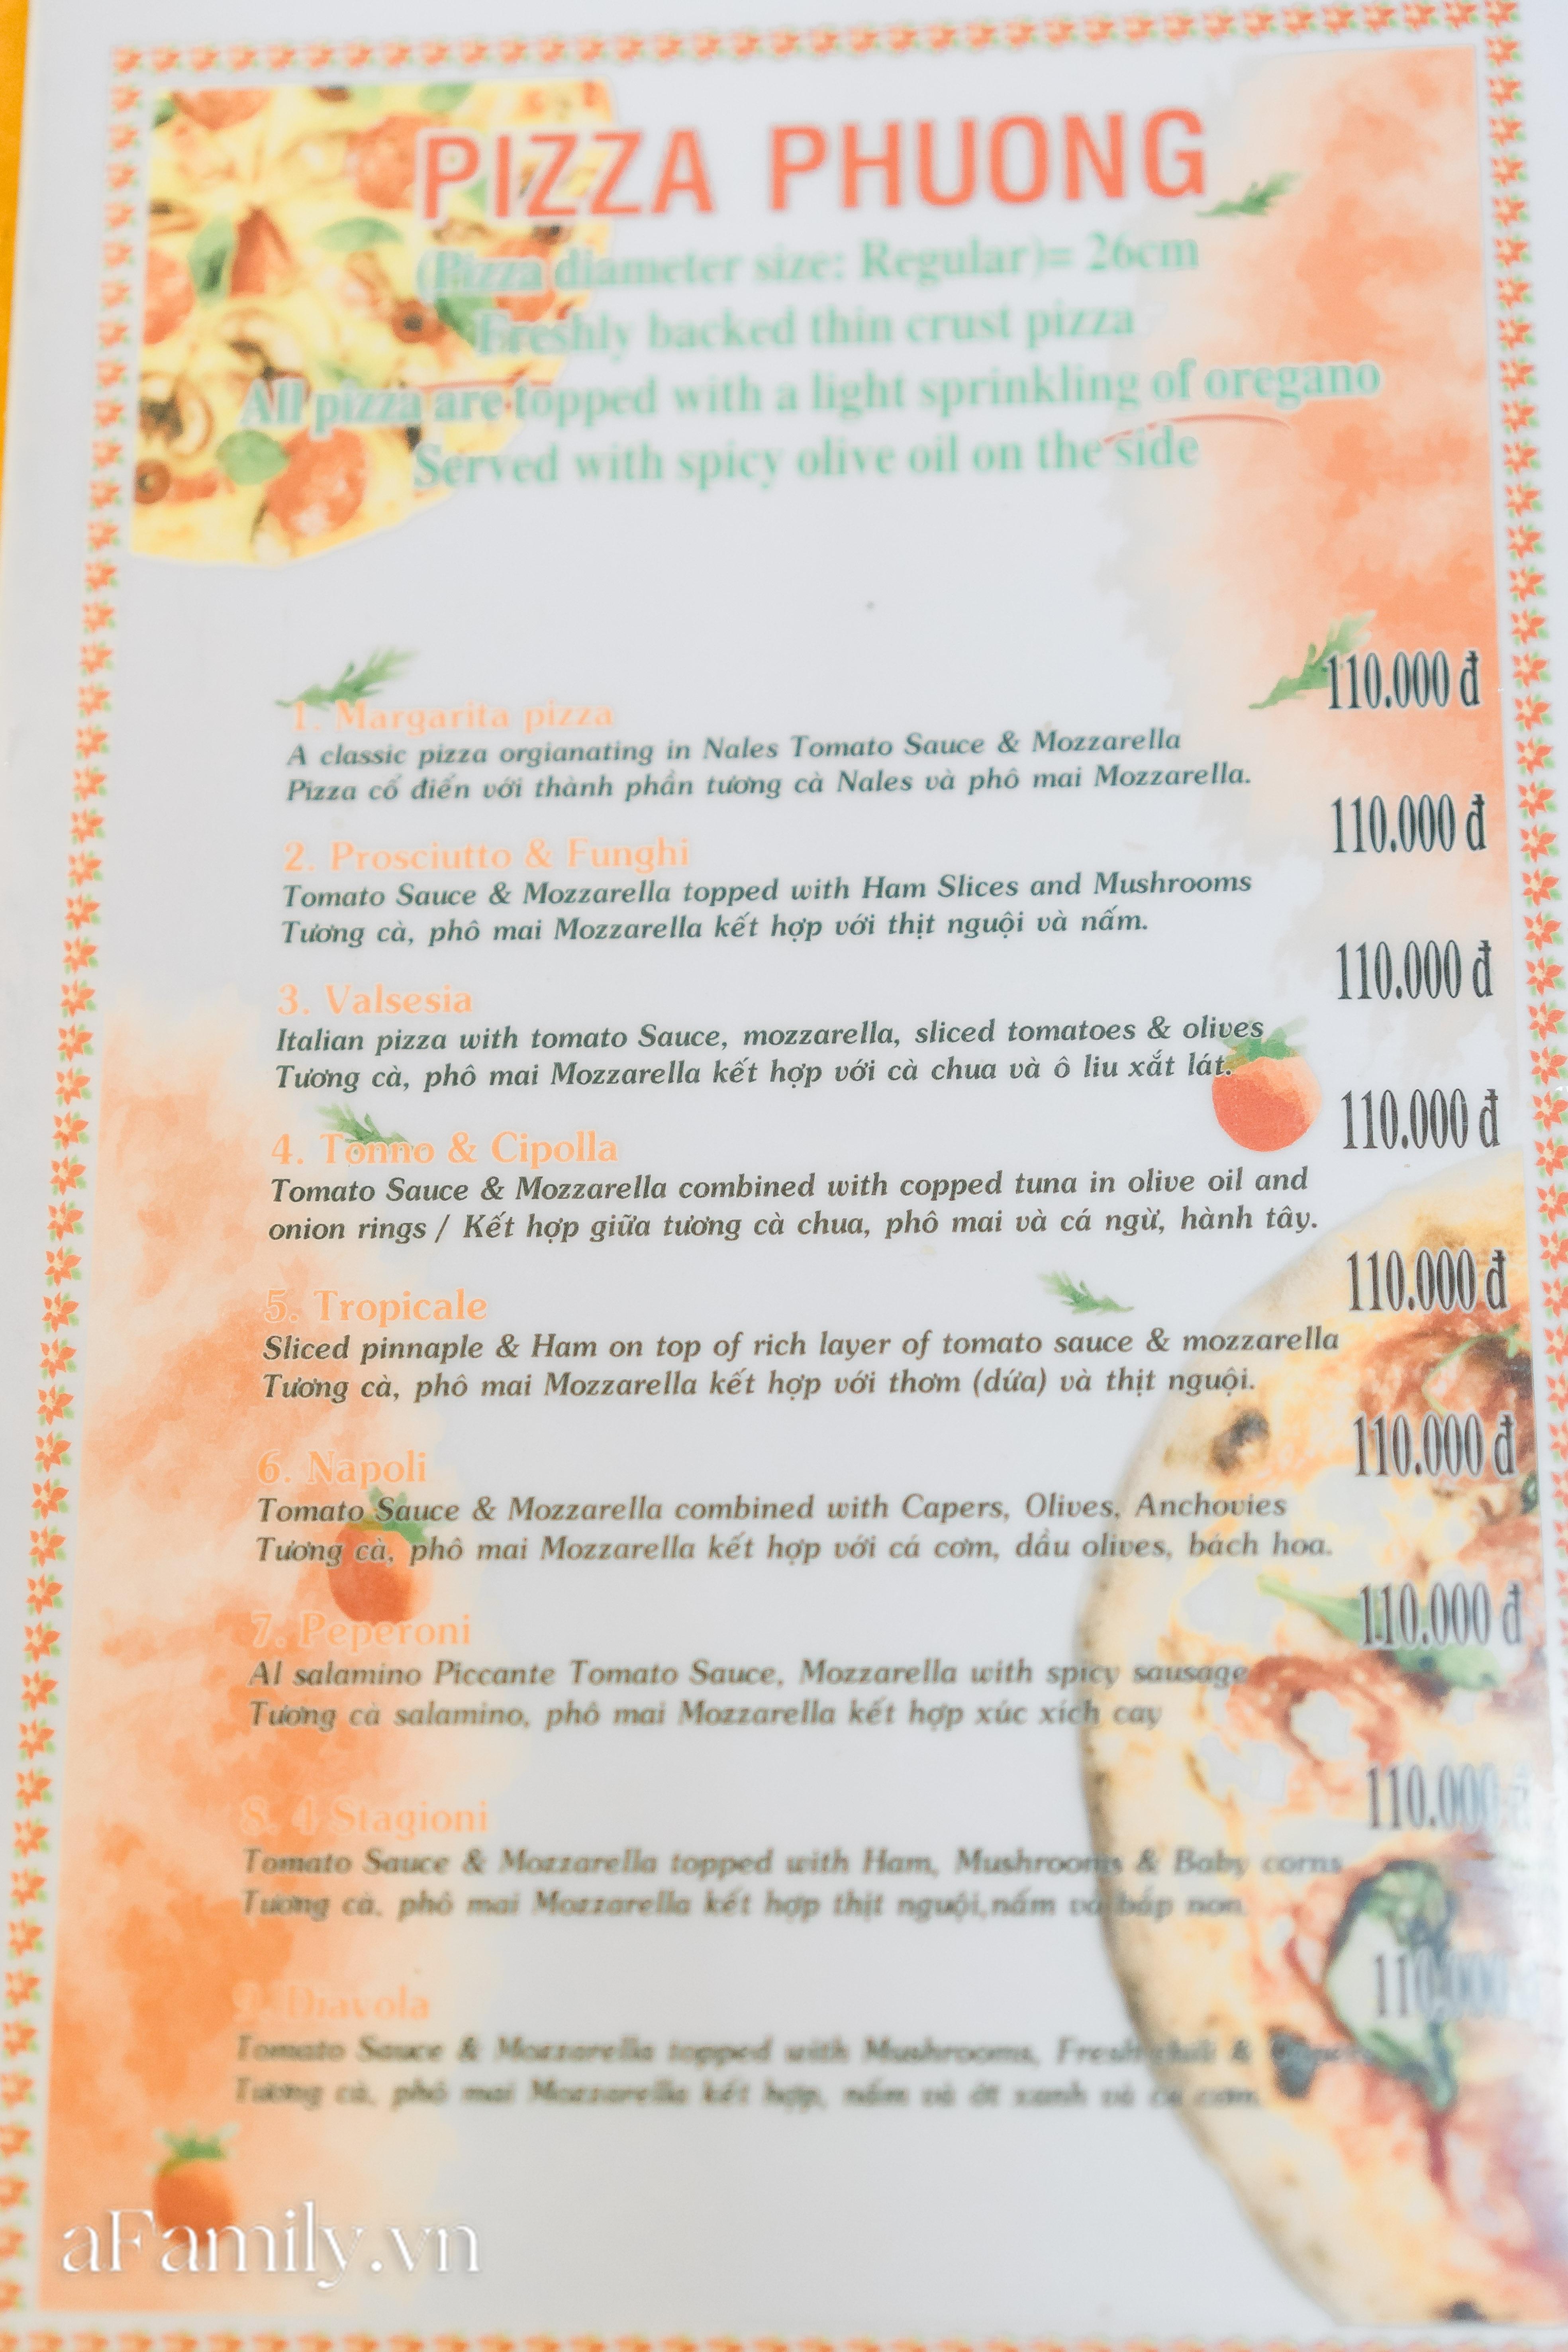 Bánh mì Phượng Hội An và câu chuyện sống còn giữa mùa dịch - Ảnh 9.